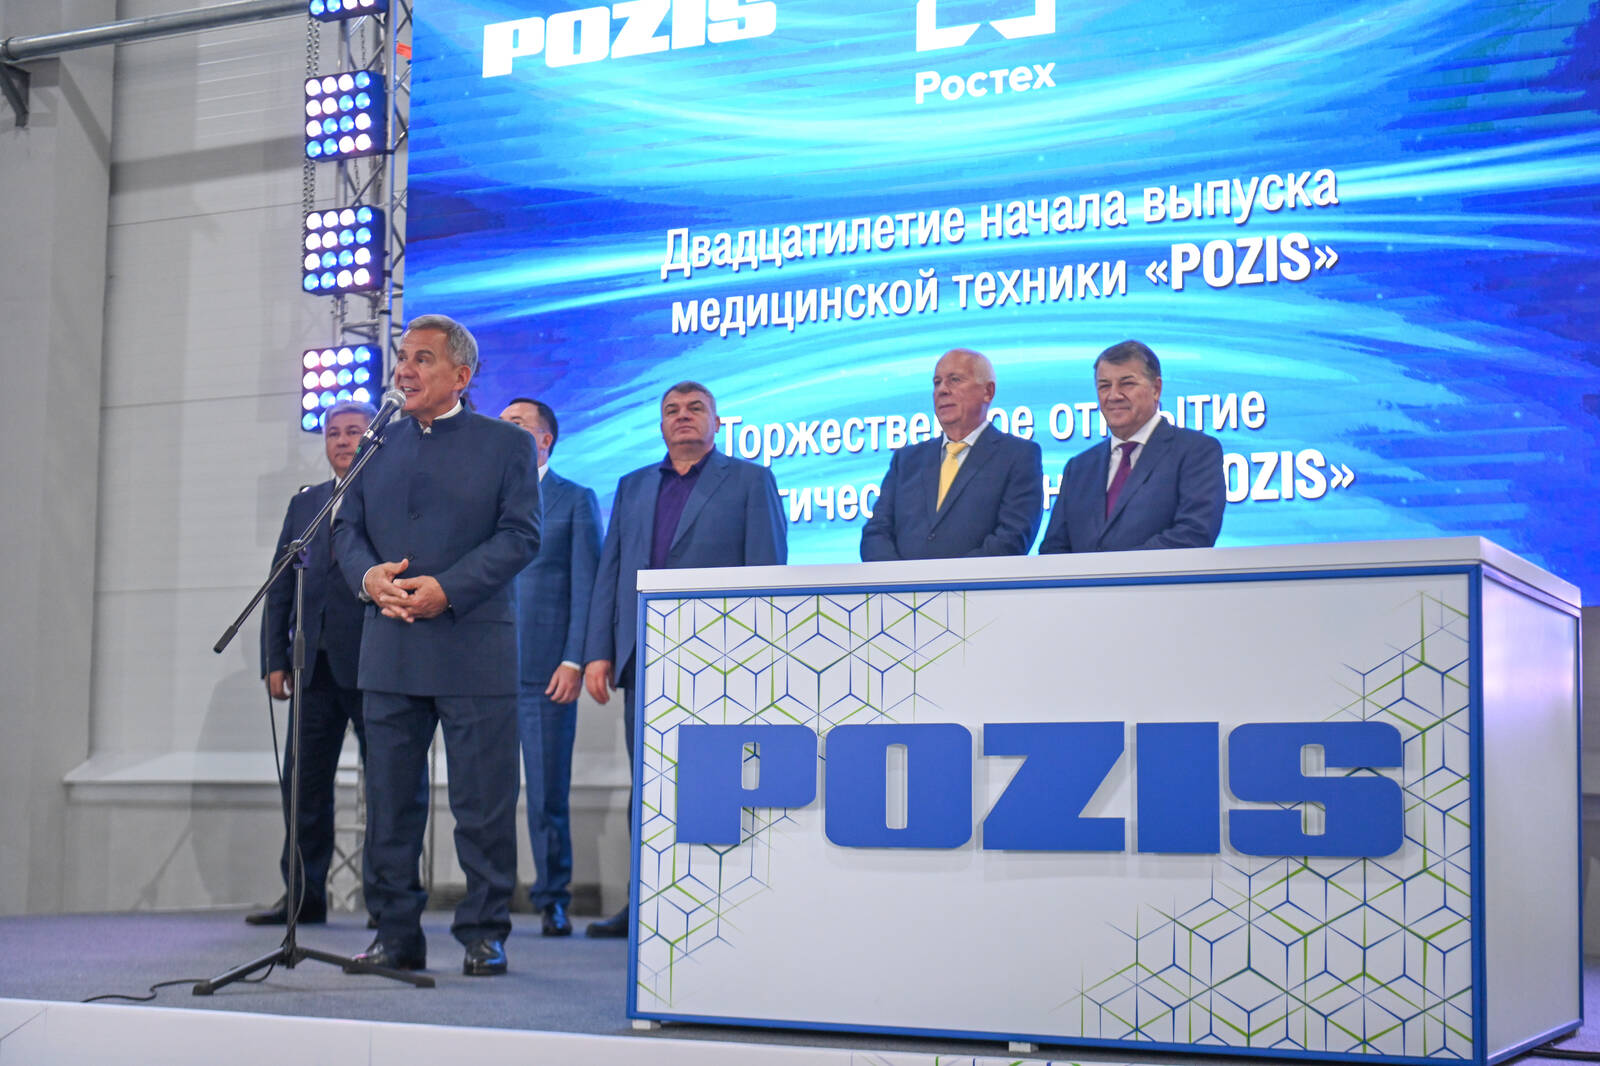 Фото: Администрация Республики Татарстан